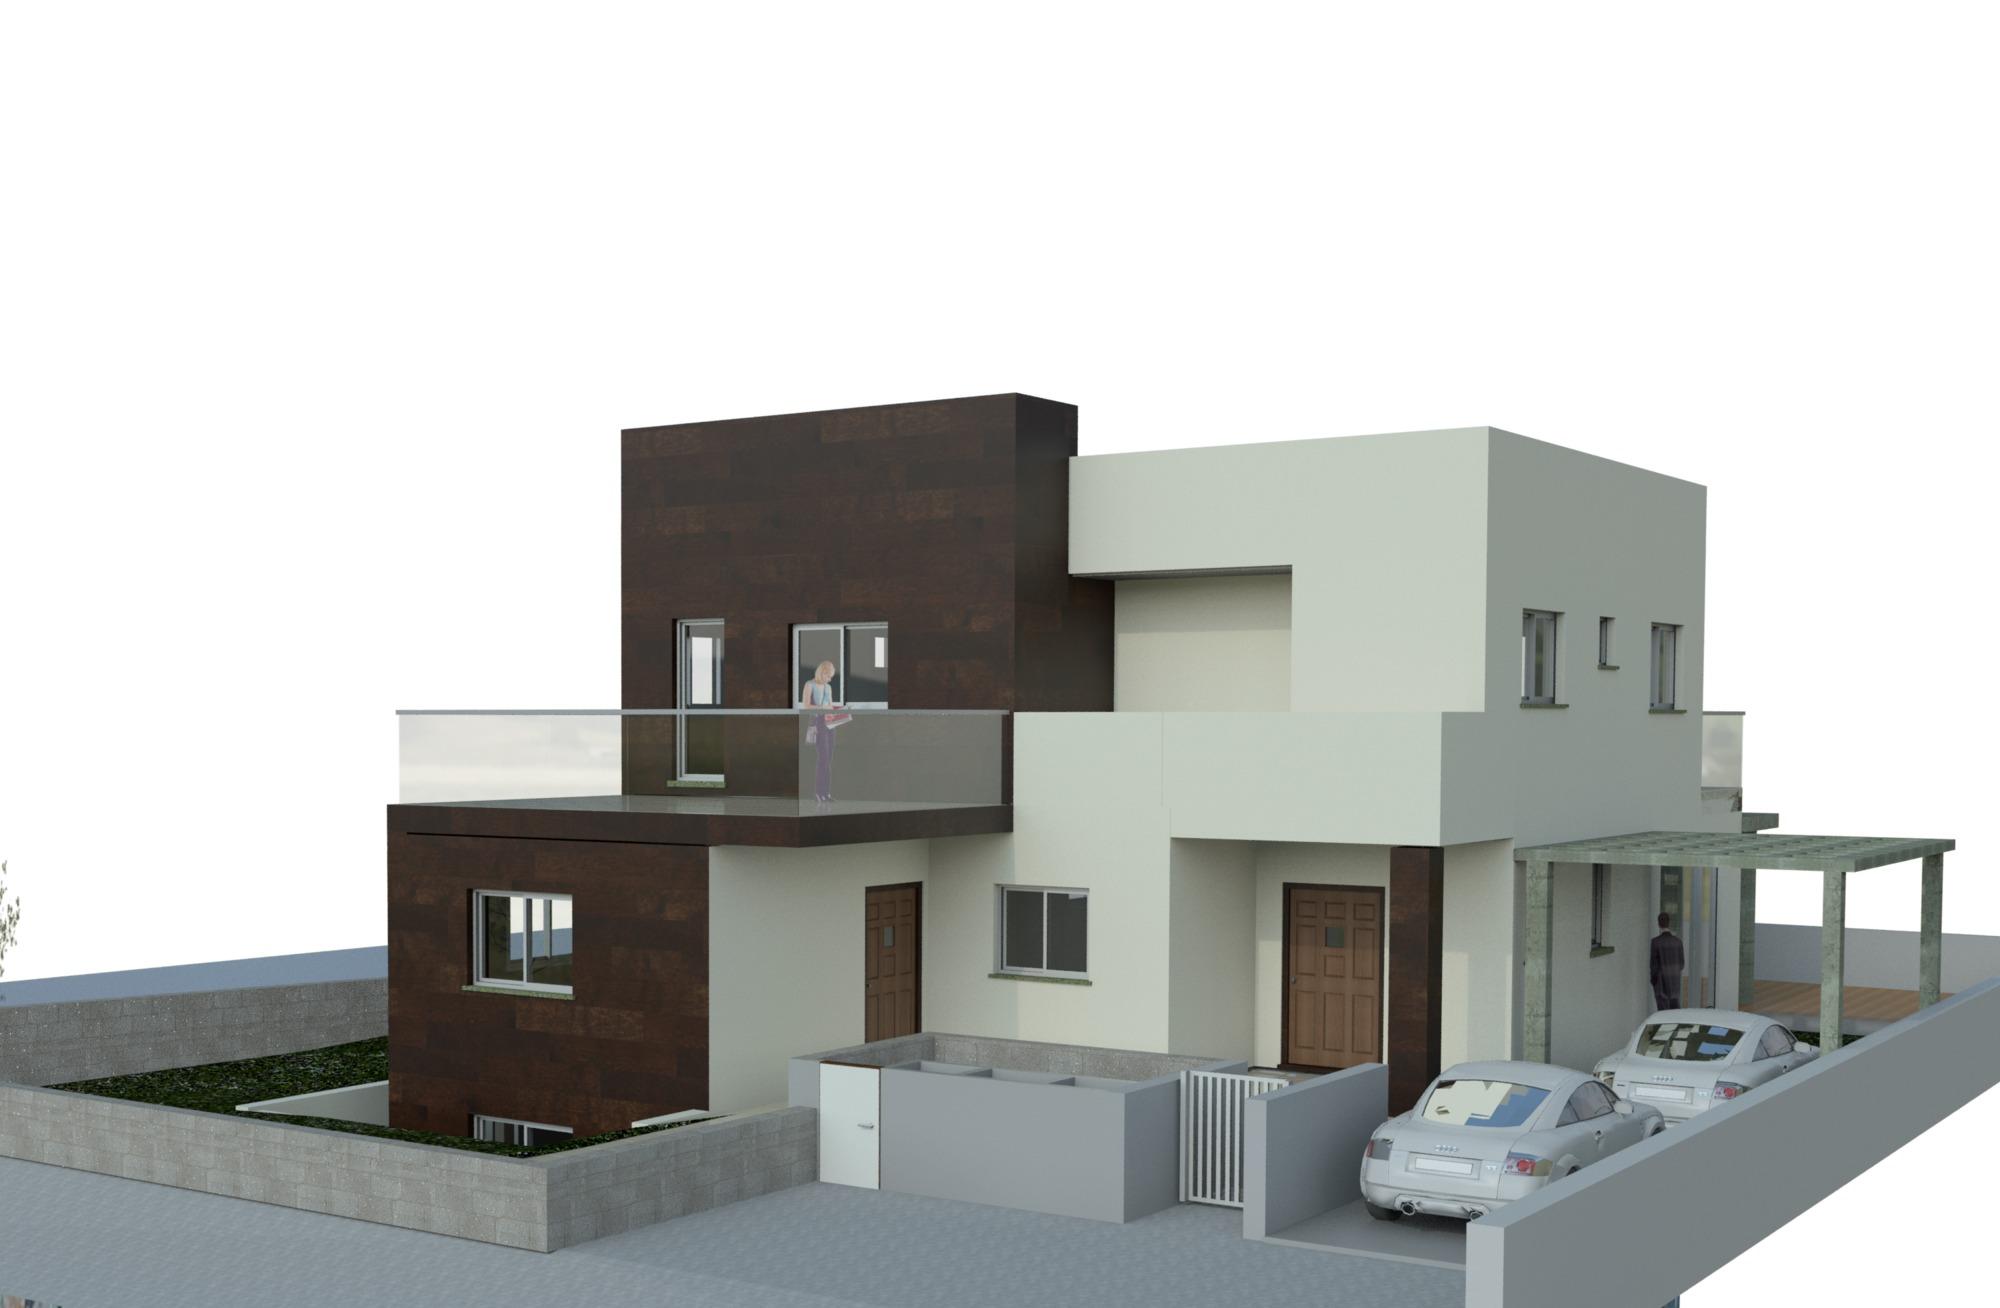 Raas-rendering20150411-8700-wufl92